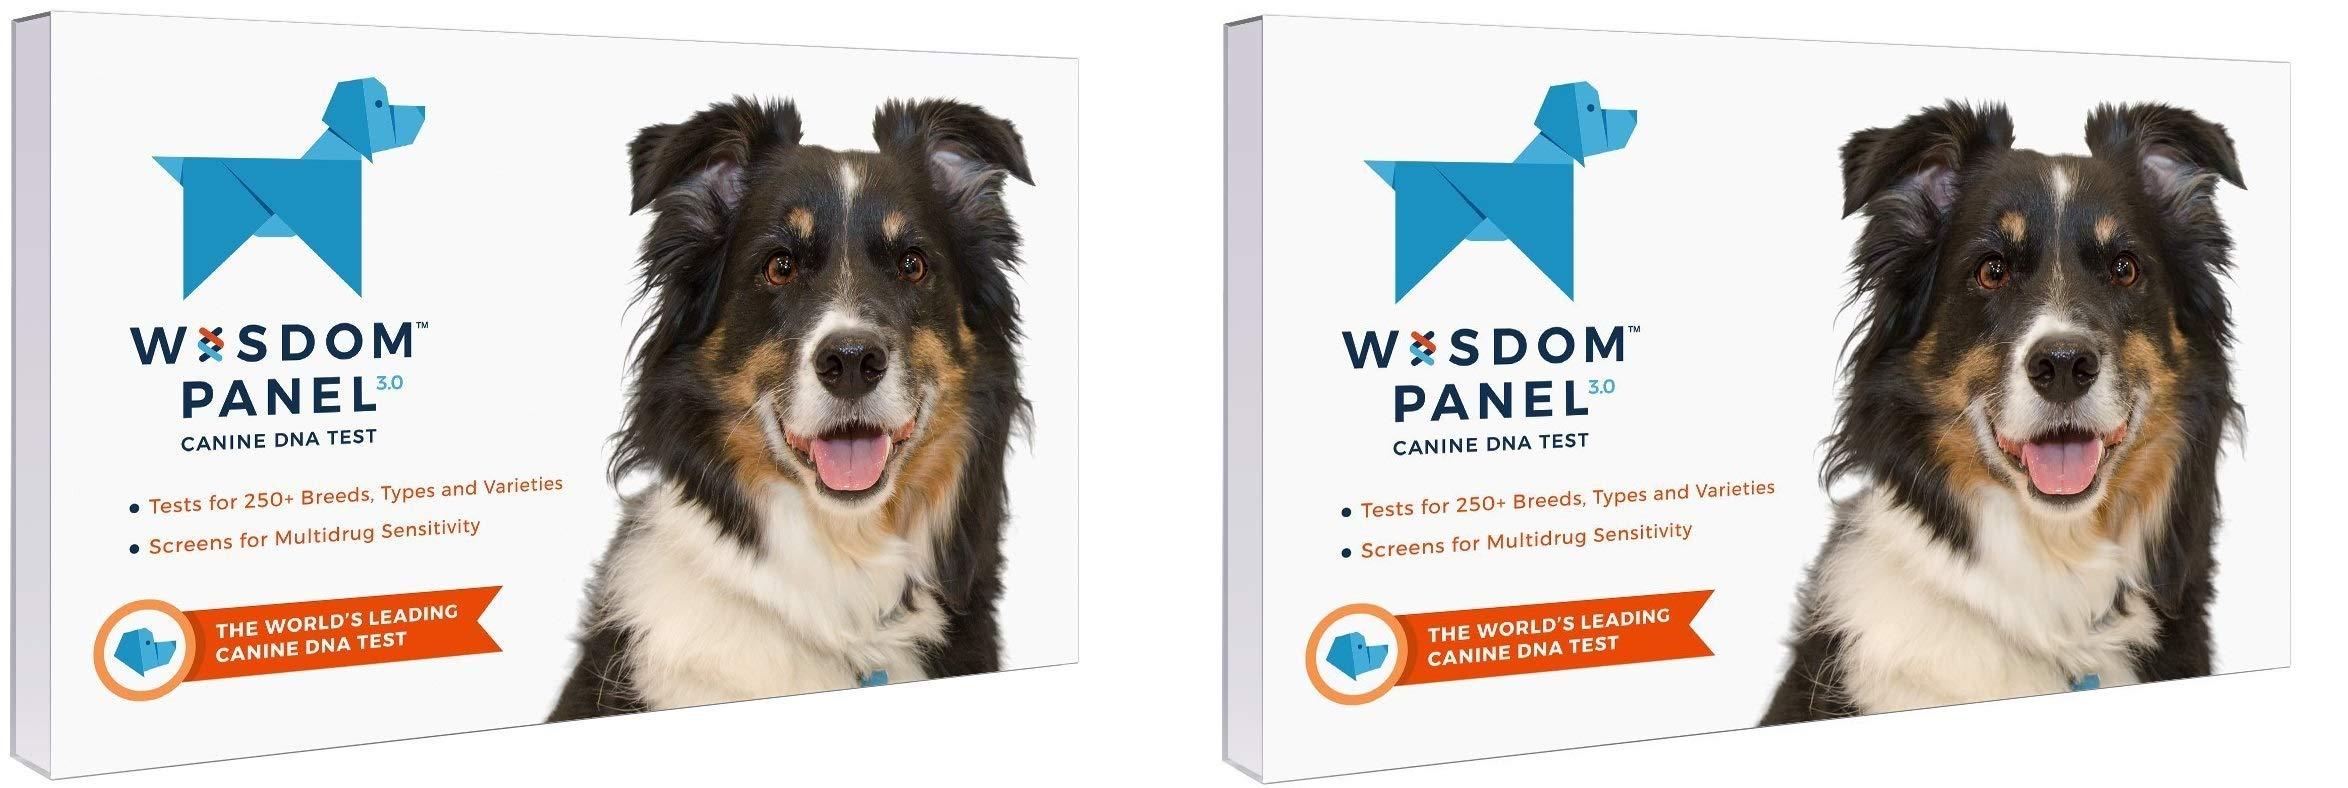 Wisdom Panel 3.0 Breed Identification DNA Test Kit (2-Kits)